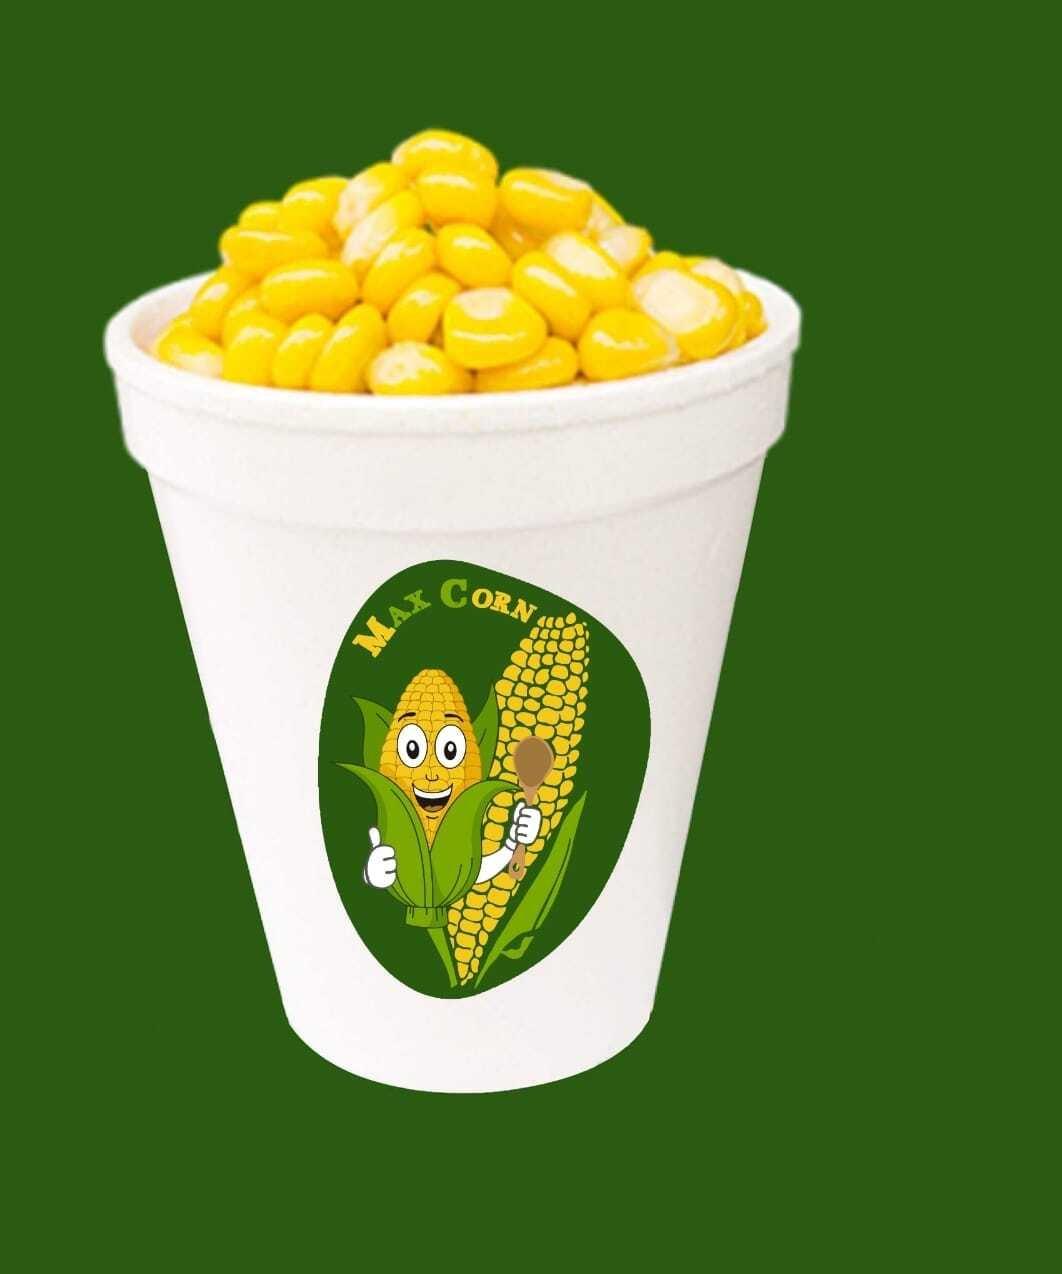 max-corn